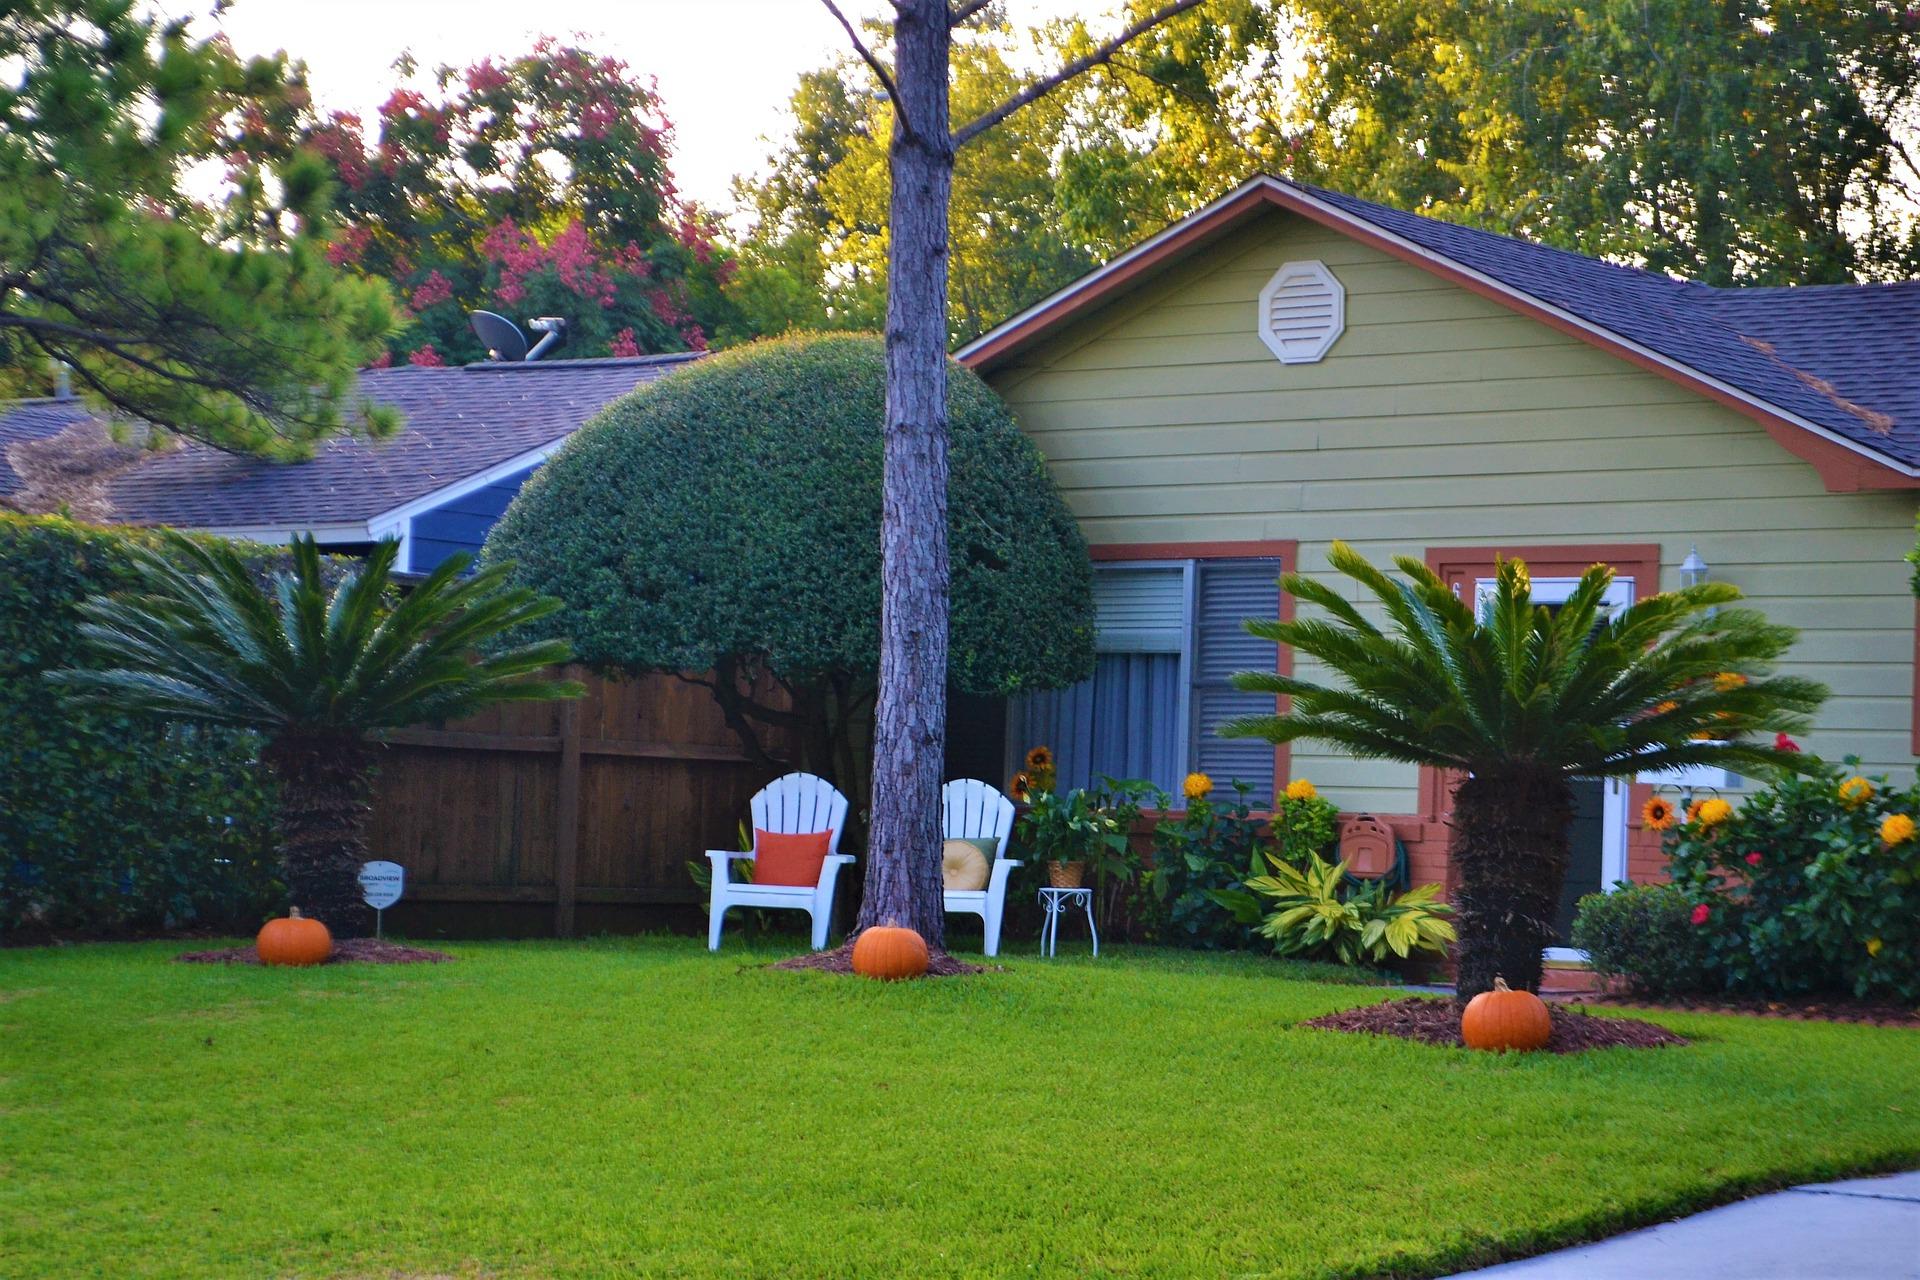 Comment choisir un meilleur matériau pour son mobilier de jardin ?